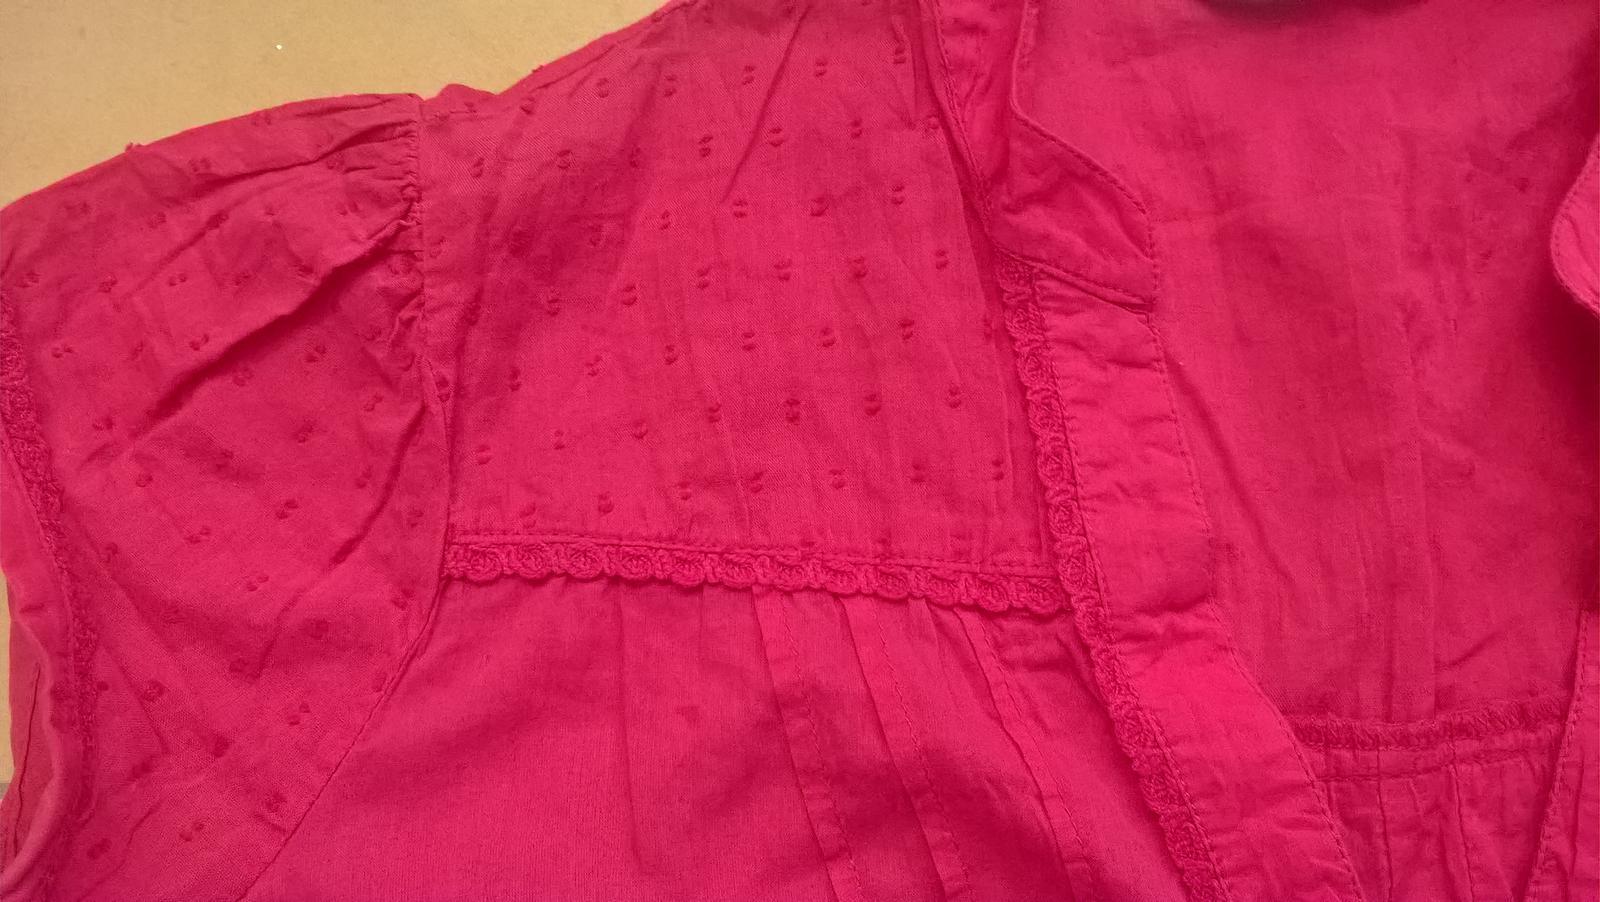 ružová blúzka s čipkou č. 36 - 38 - Obrázok č. 2